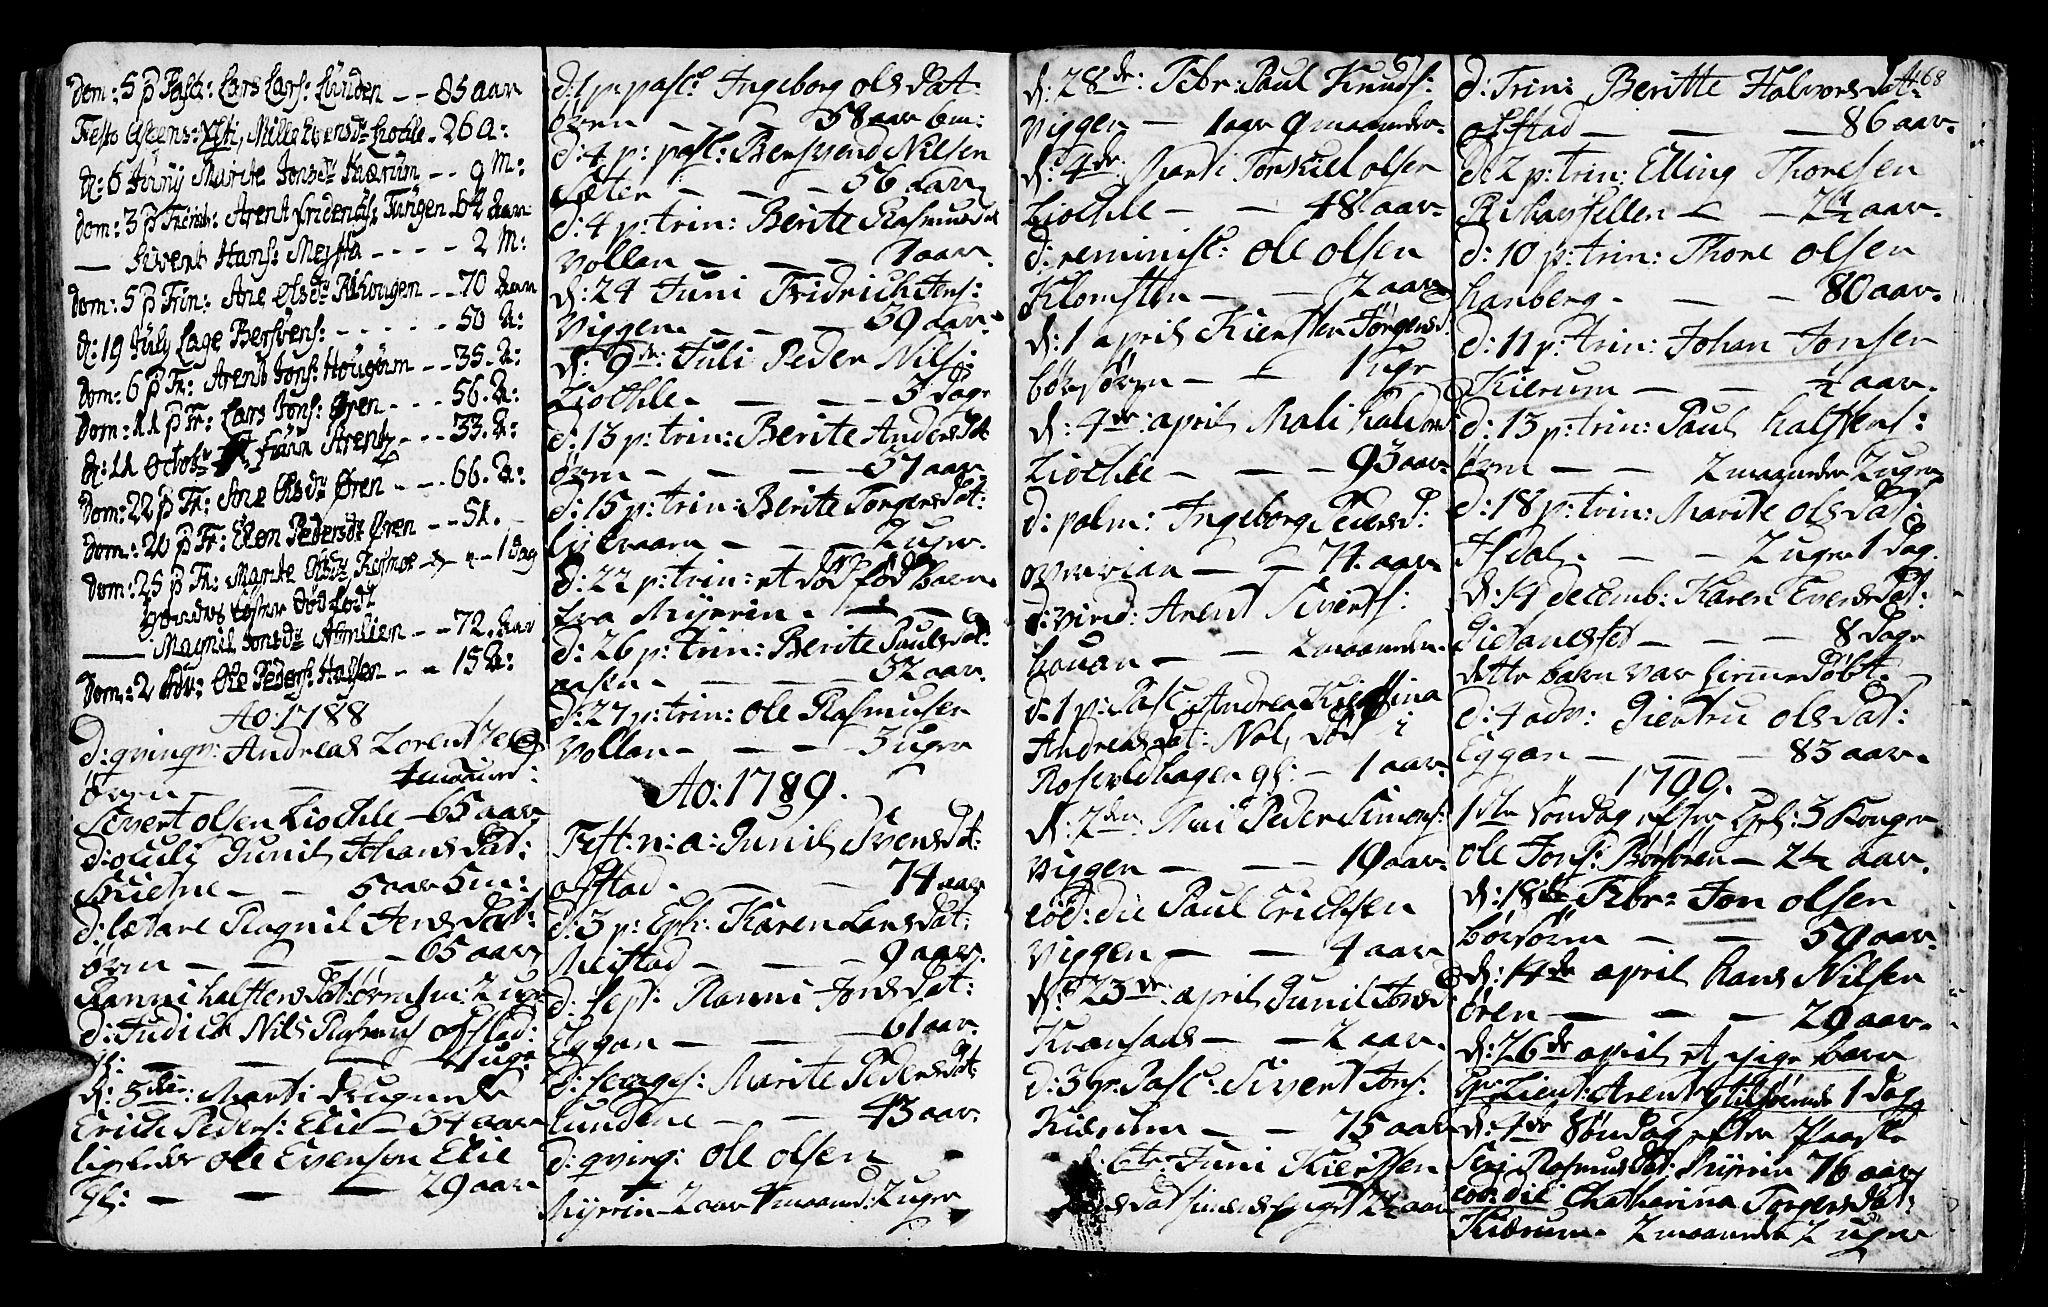 SAT, Ministerialprotokoller, klokkerbøker og fødselsregistre - Sør-Trøndelag, 665/L0768: Ministerialbok nr. 665A03, 1754-1803, s. 168